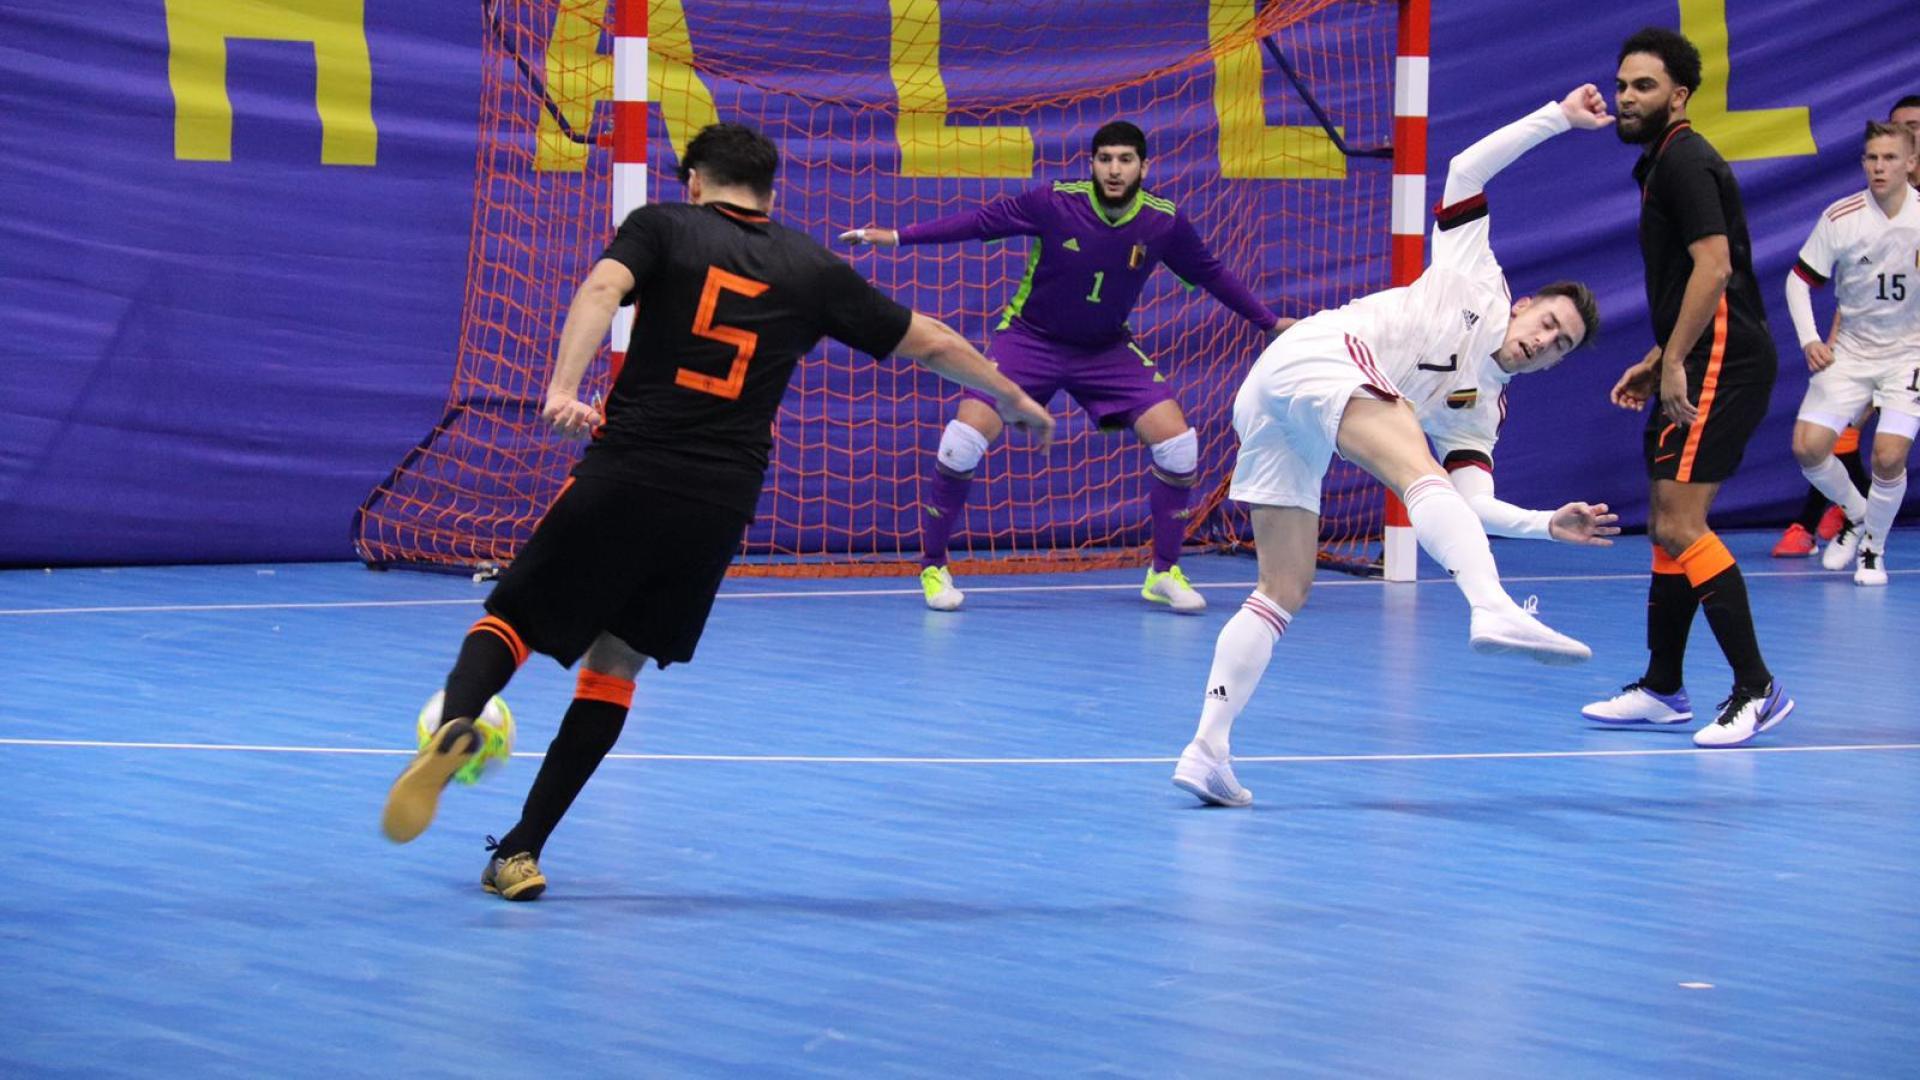 België is futsalteam nipt de baas